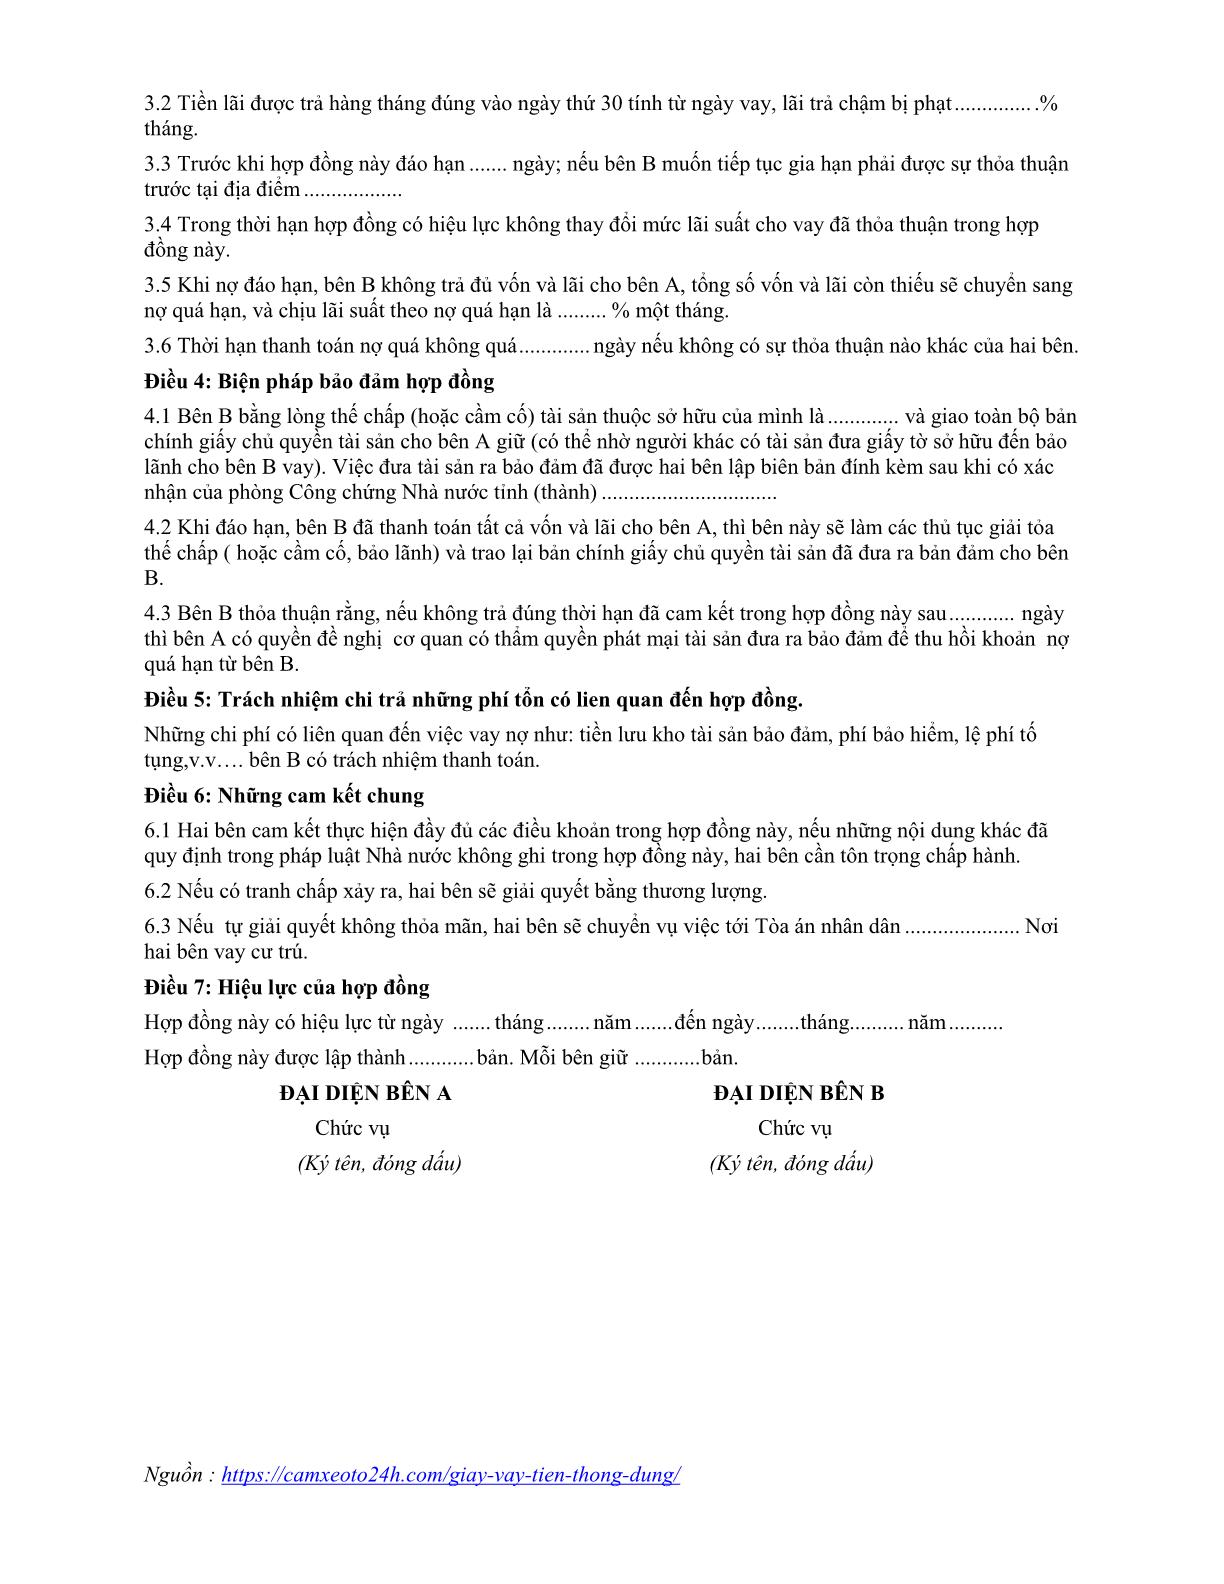 hợp đồng vay tiền trang 02